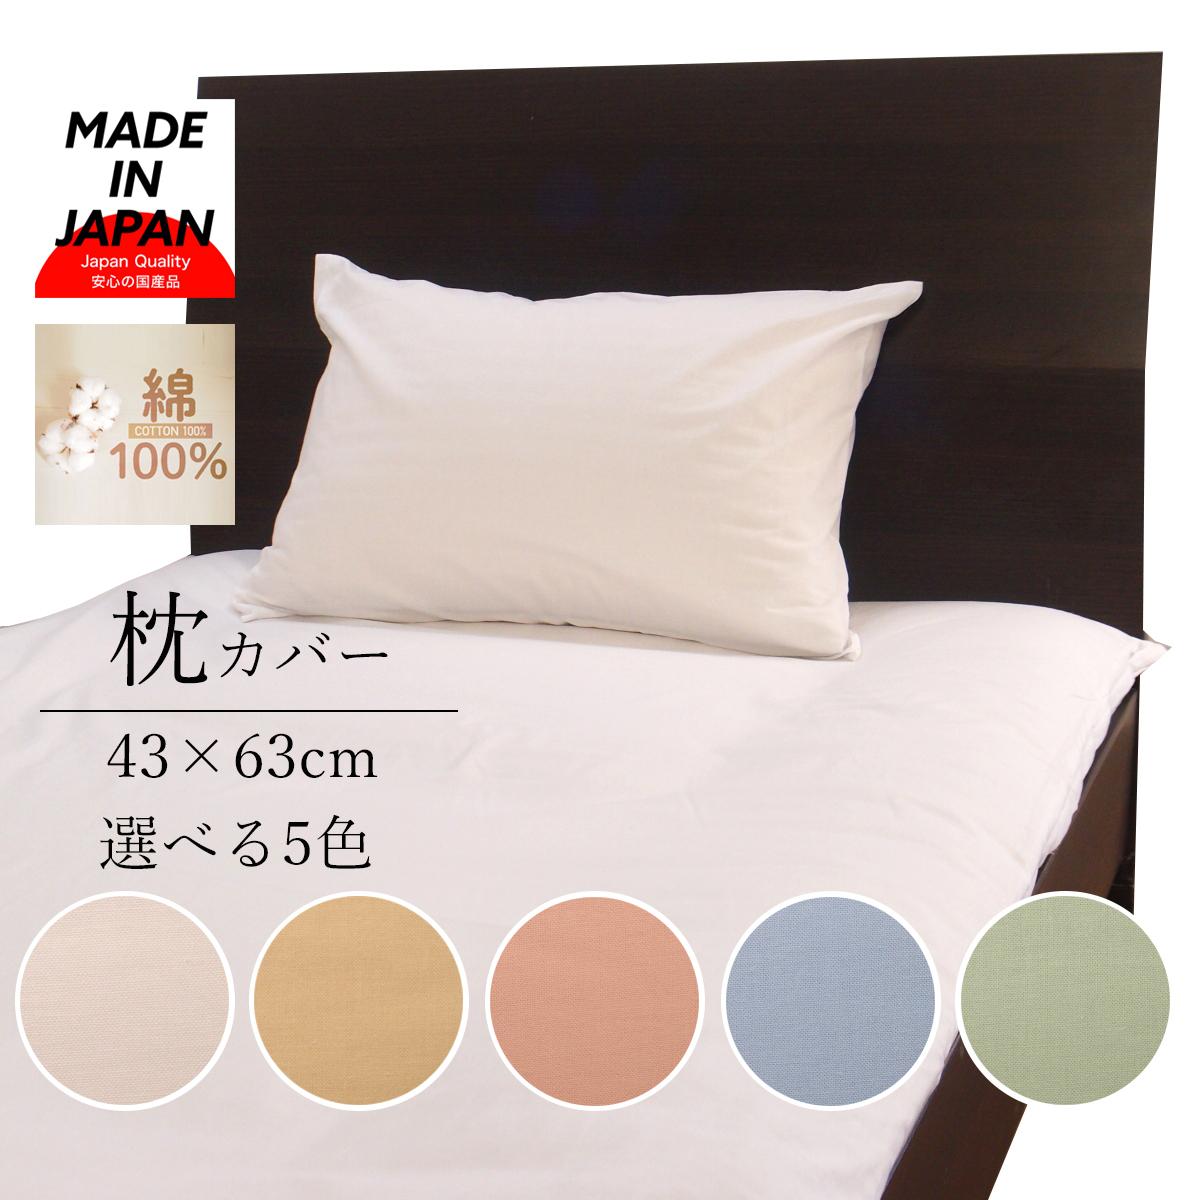 パールコレクション 枕カバー 43×63 43×63cm 綿100% 安心 アイテム勢ぞろい 一口につき2枚まで ピロケース 5色の中からお選び下さい 選択 安全の日本製ネコポスにも対応いたします